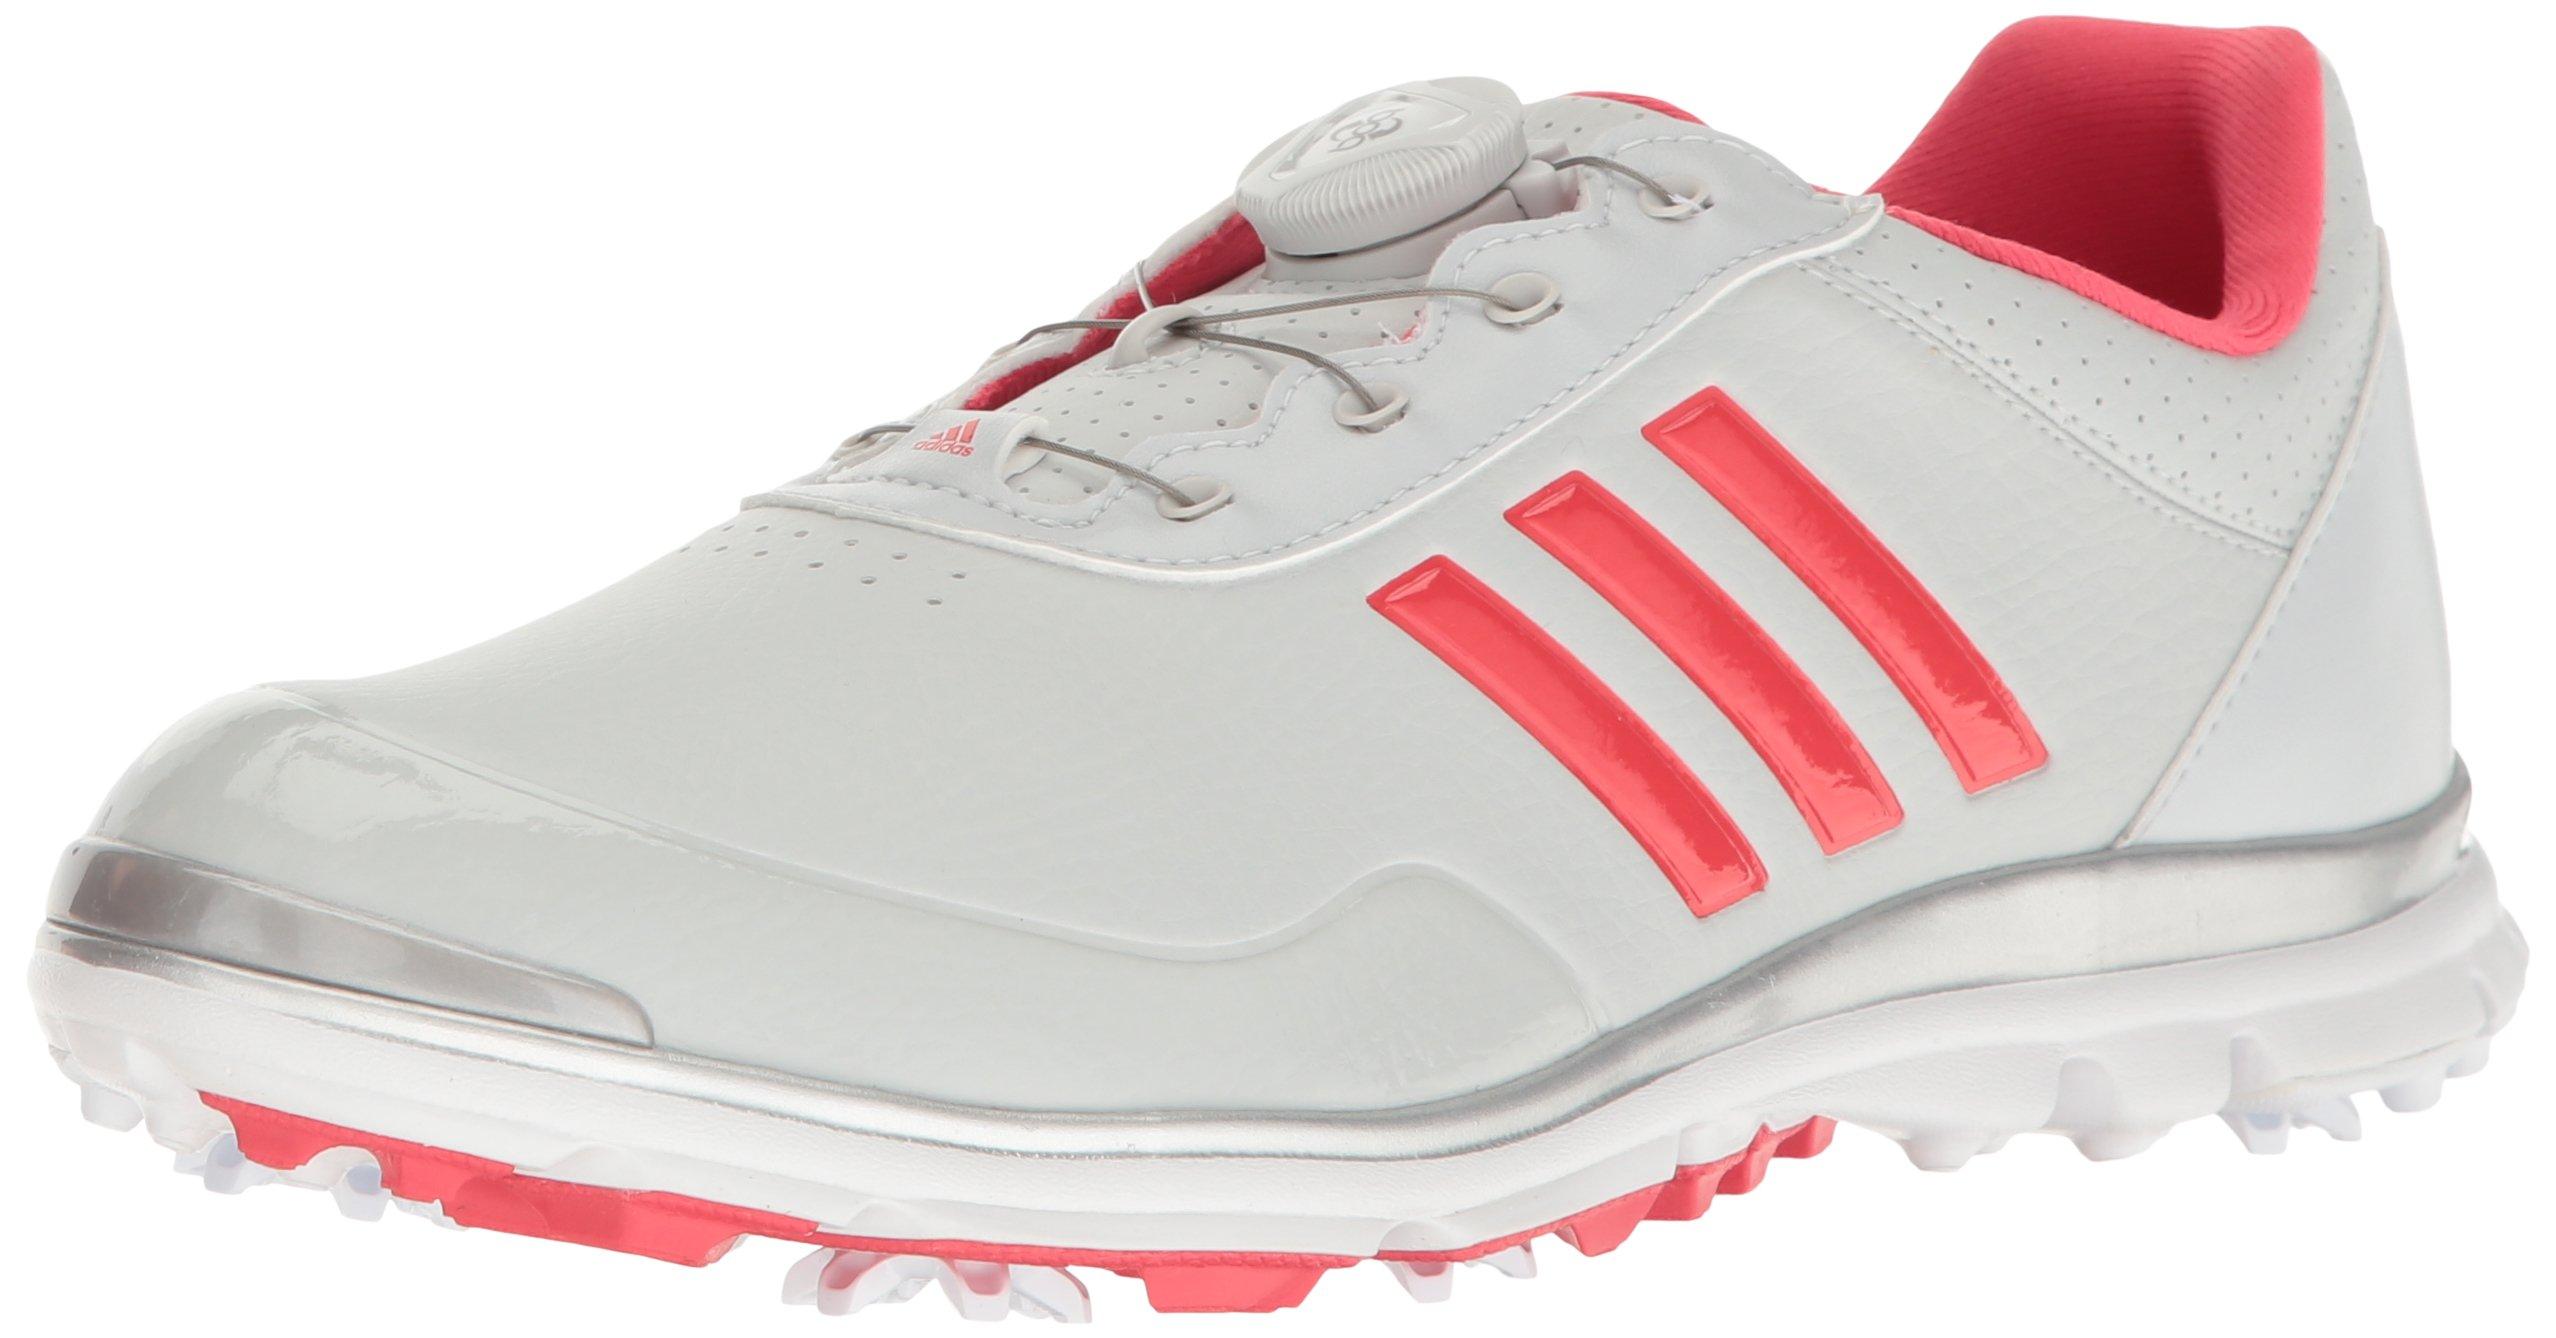 adidas Women's W Adistar Lite Boa Clgrey Golf Shoe, Clear/Grey, 9 M US